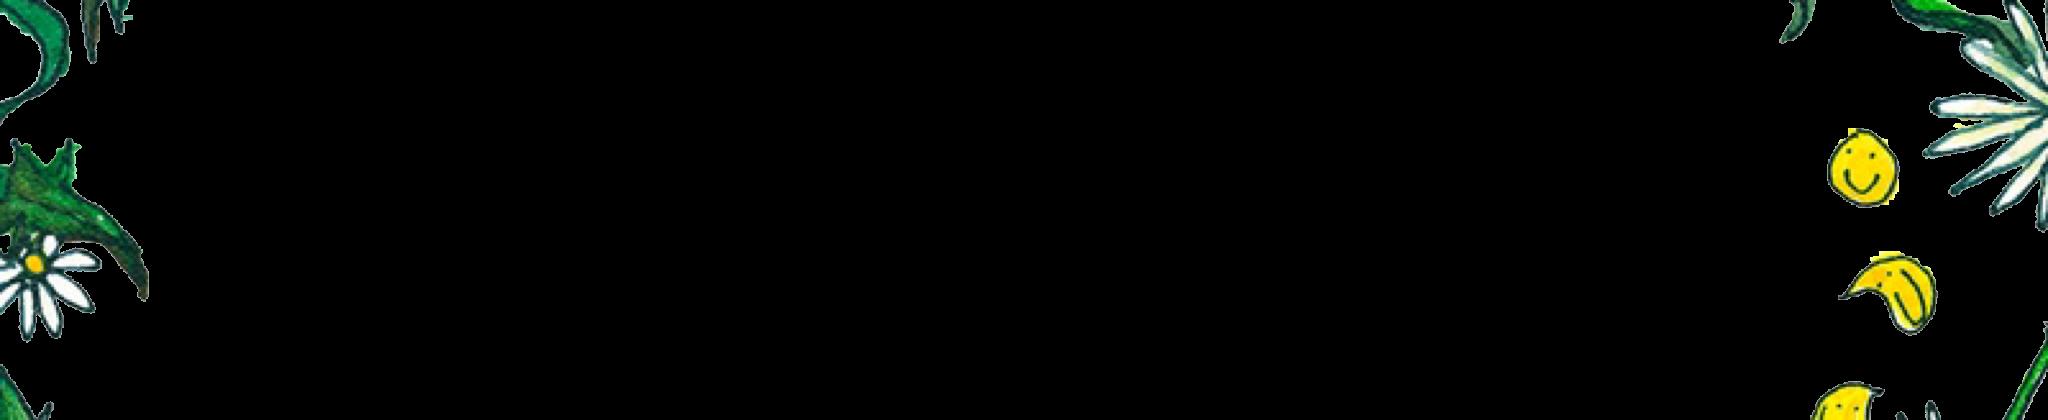 AC34153_E_1923_450_E_AC11_CE3_C68_E7_F05